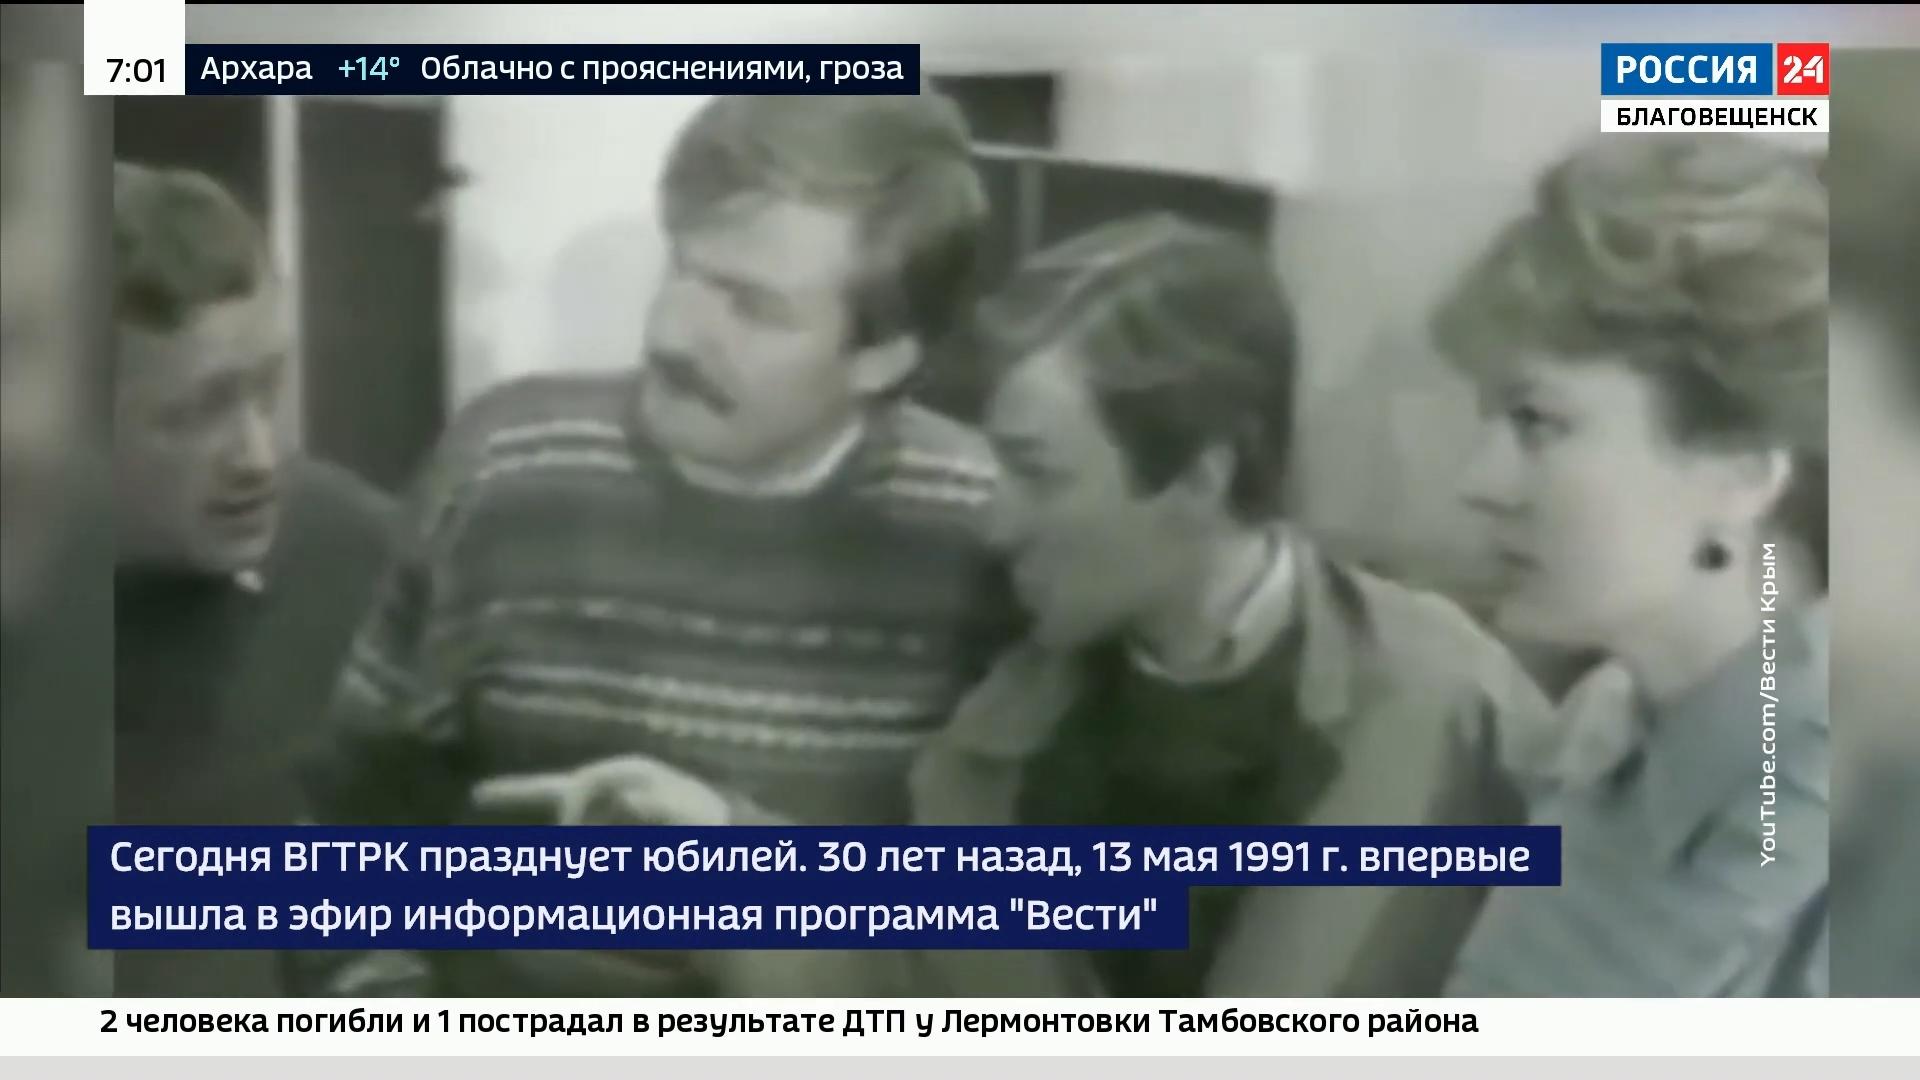 20210513_07-40--30 лет в эфире- сегодня ВГТРК празднует юбилей «Вестей»-pic03